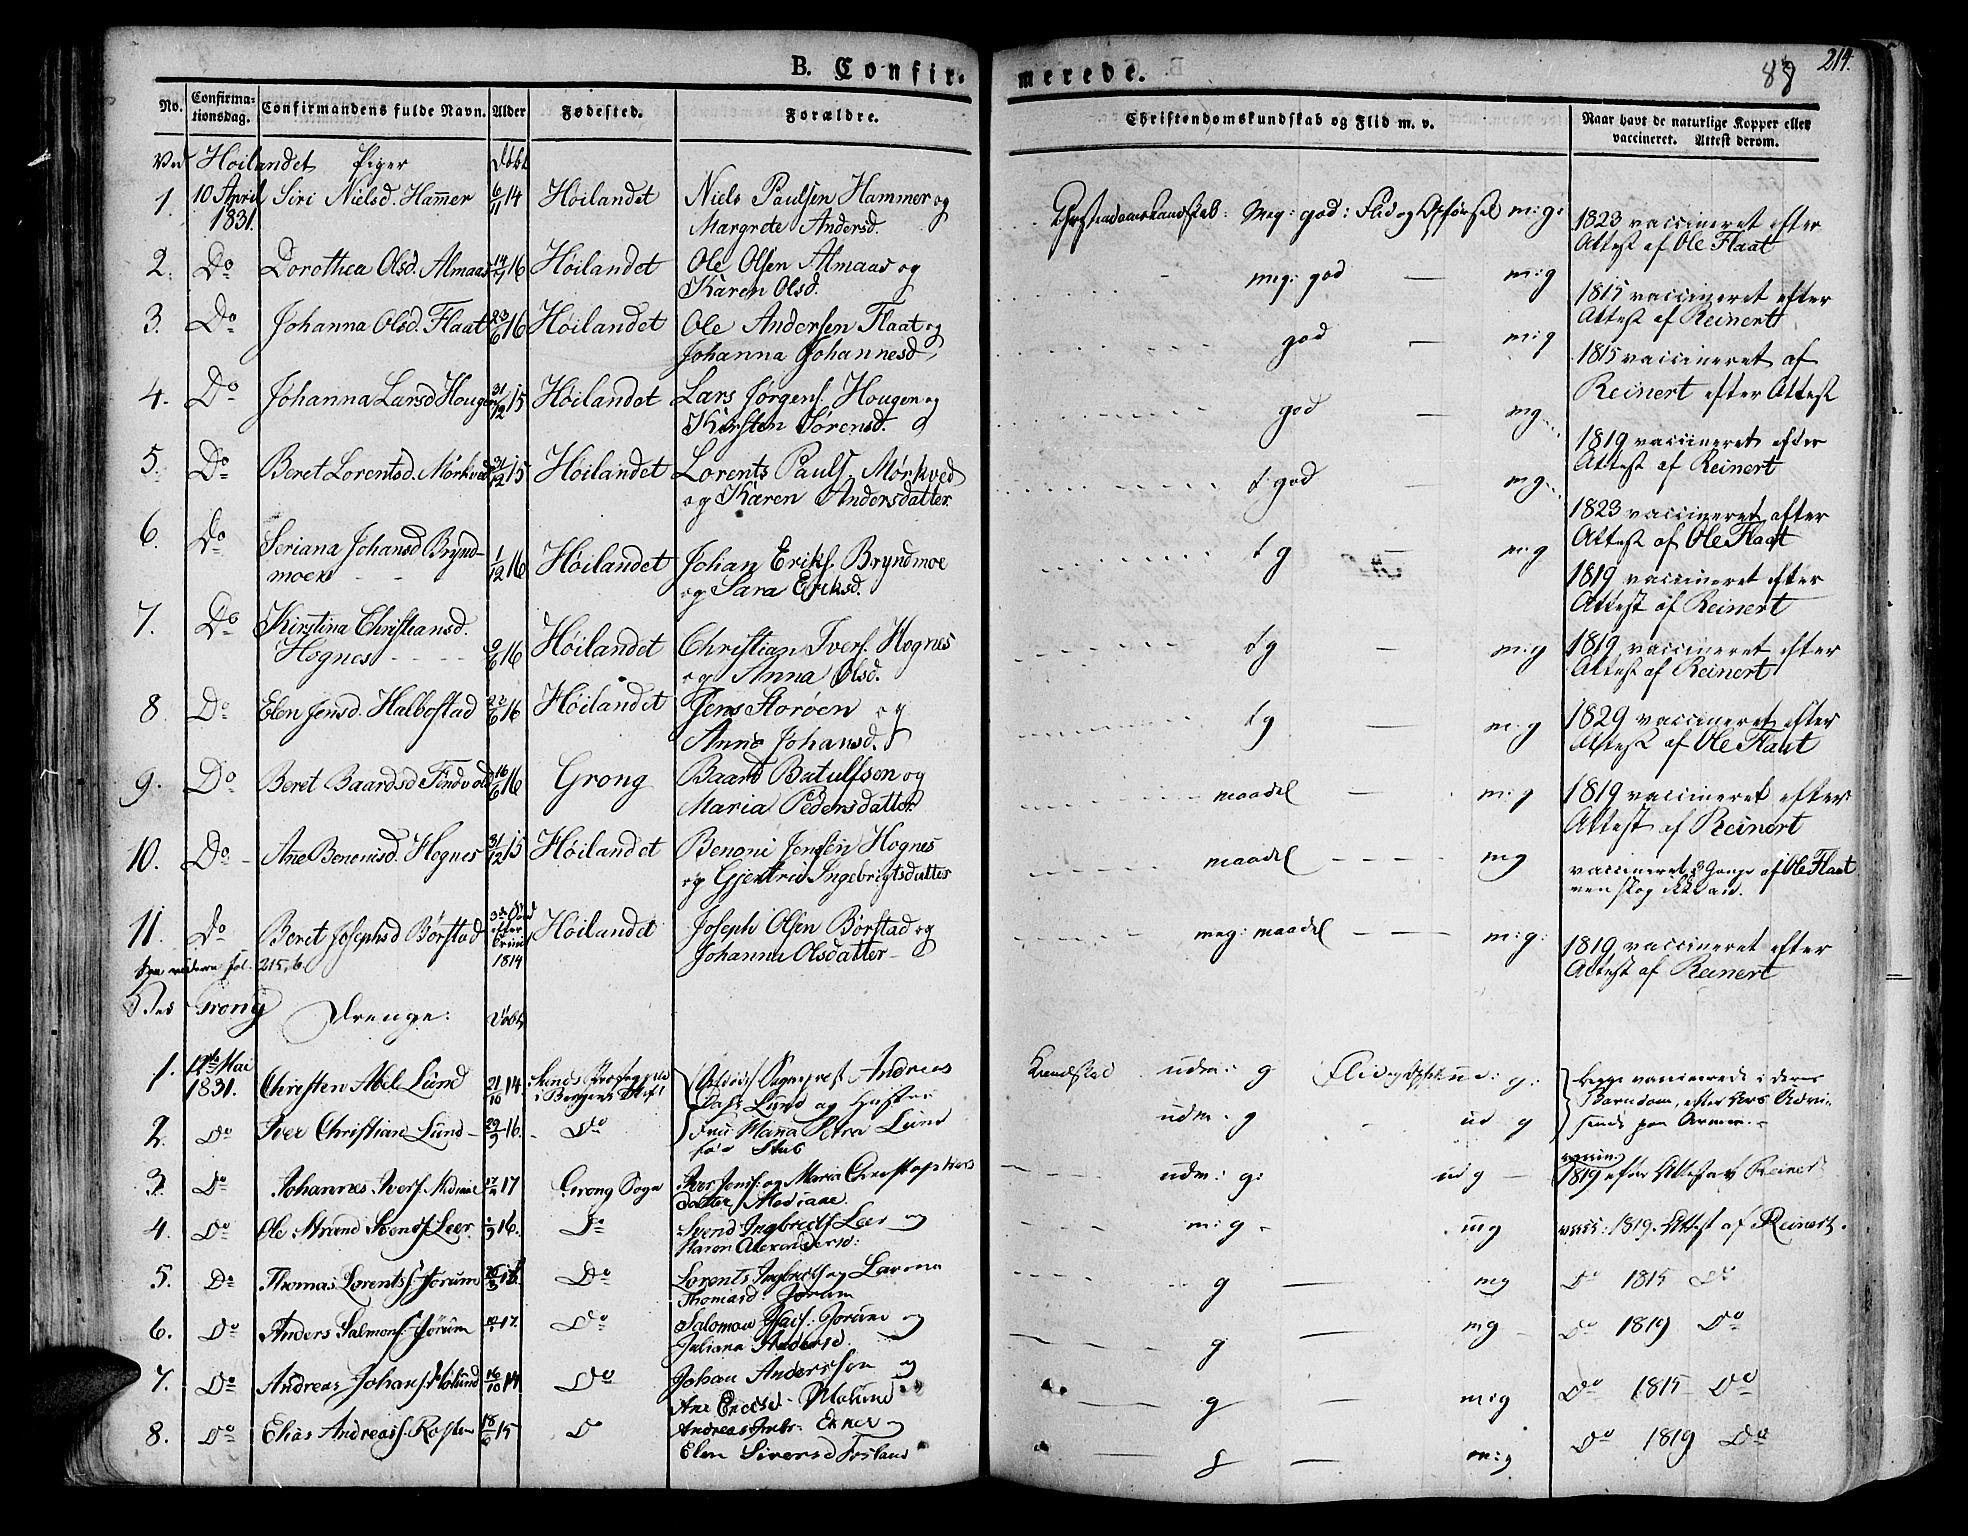 SAT, Ministerialprotokoller, klokkerbøker og fødselsregistre - Nord-Trøndelag, 758/L0510: Ministerialbok nr. 758A01 /1, 1821-1841, s. 88